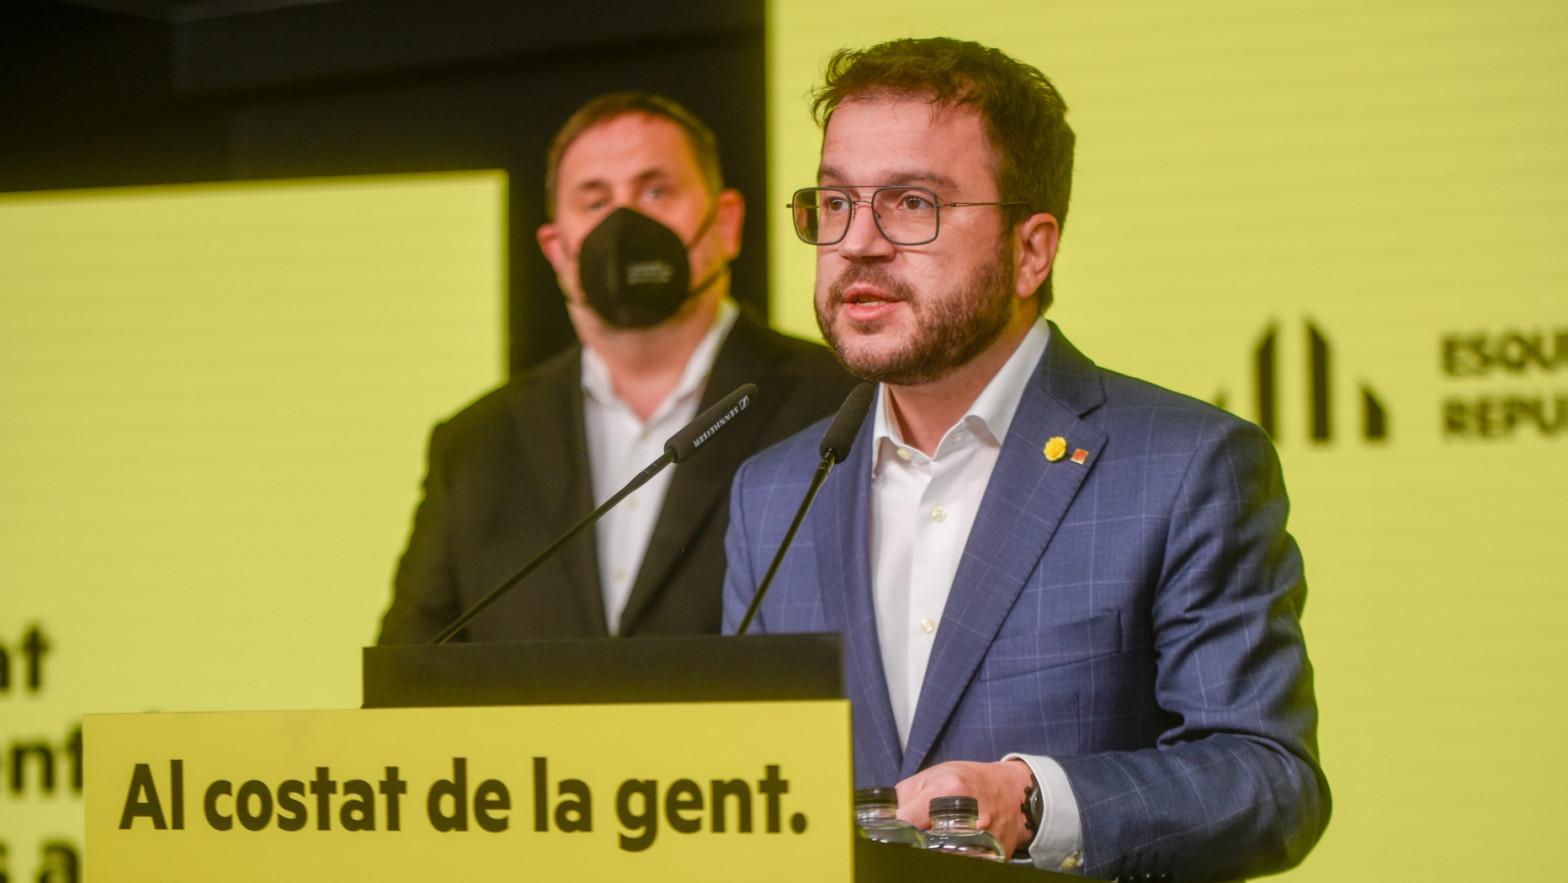 Desilusiones y esperanzas en Cataluña